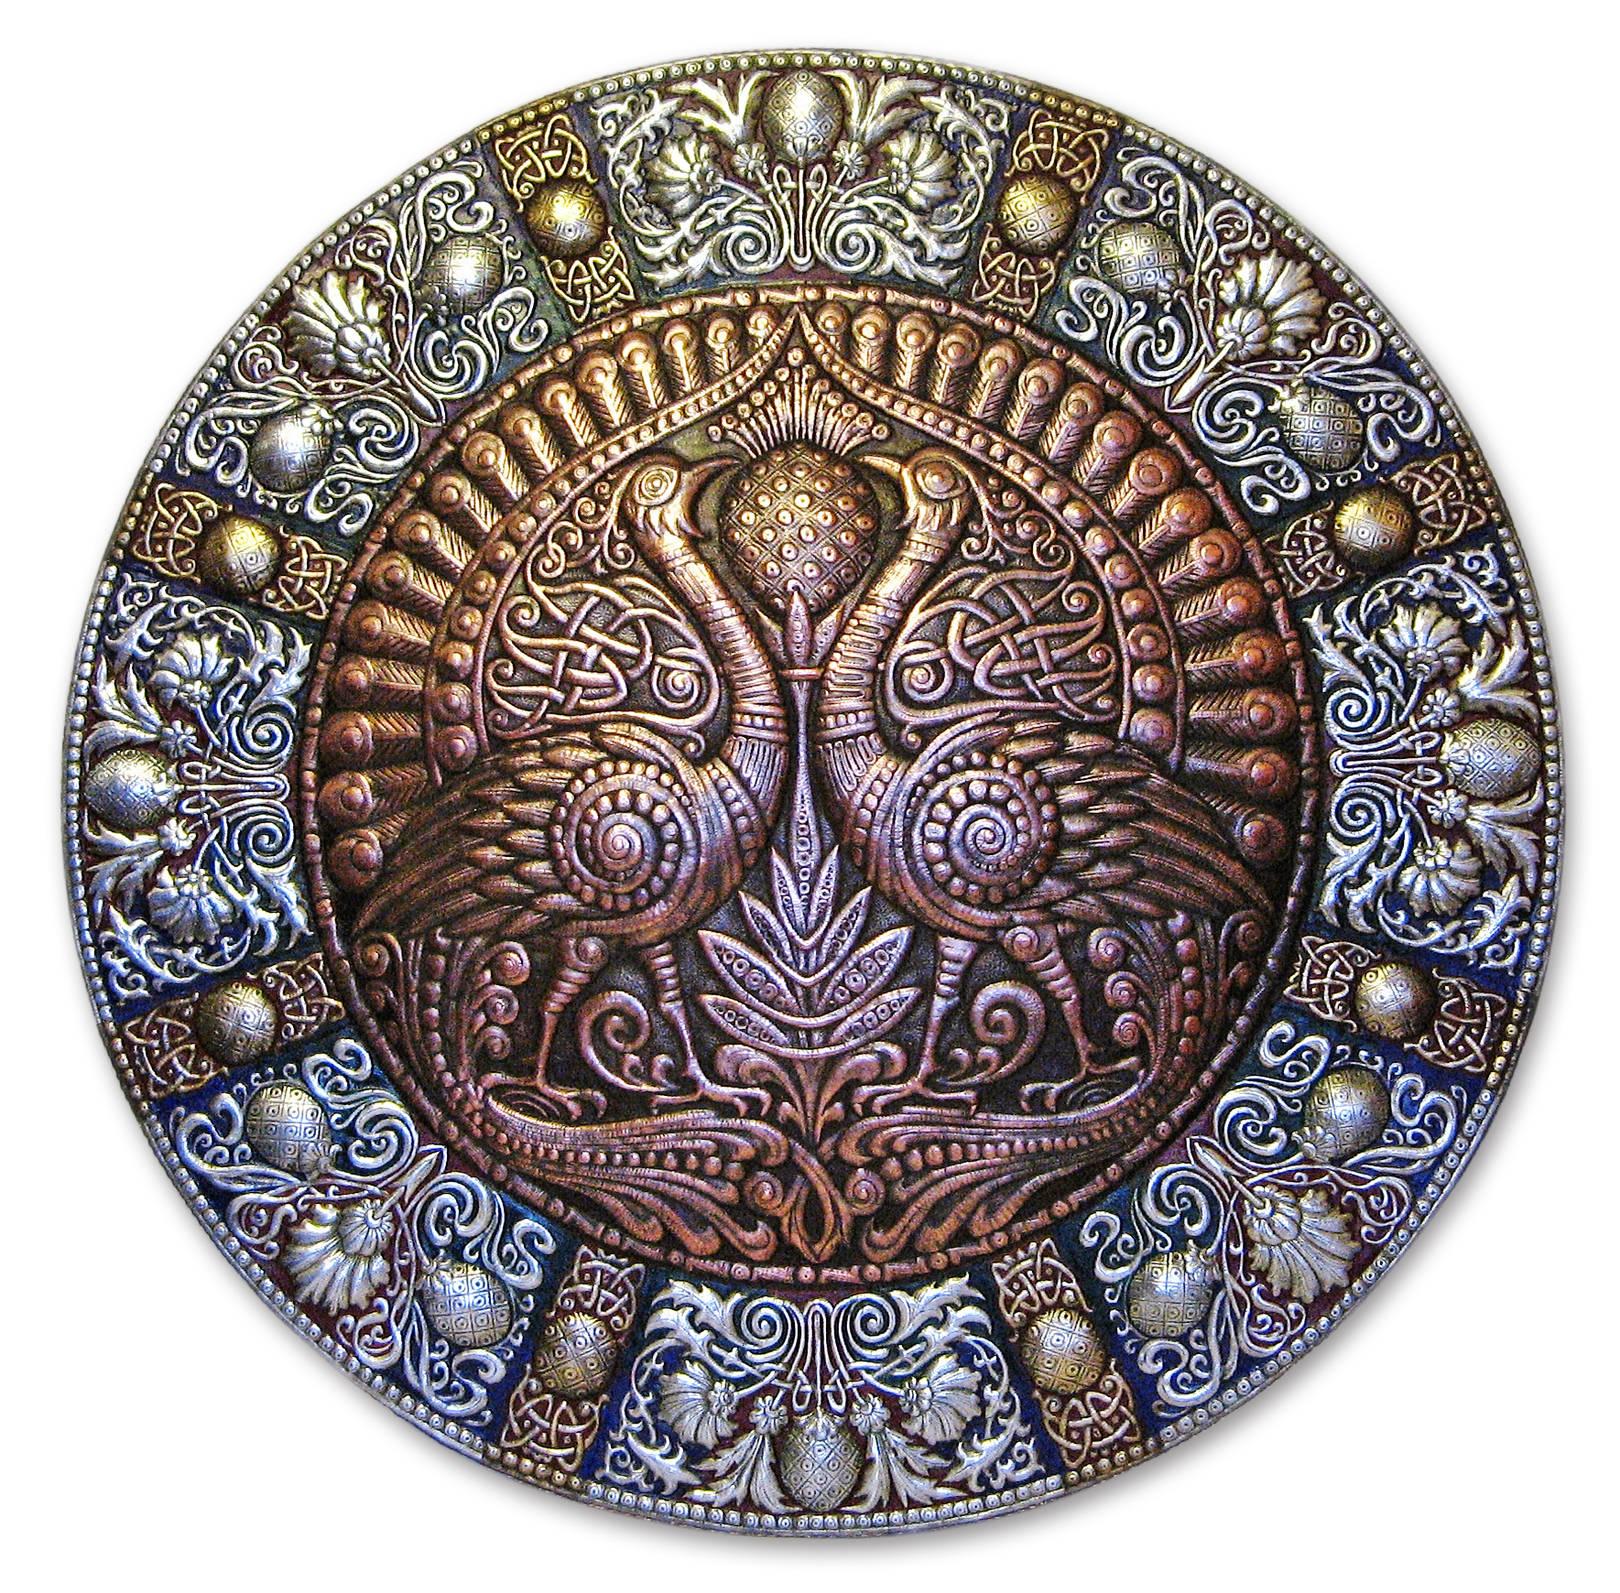 Павлины (панно-рондо) 2008 г. Алюминий, медь, латунь; чернение, холодная эмаль  90 х 90 см